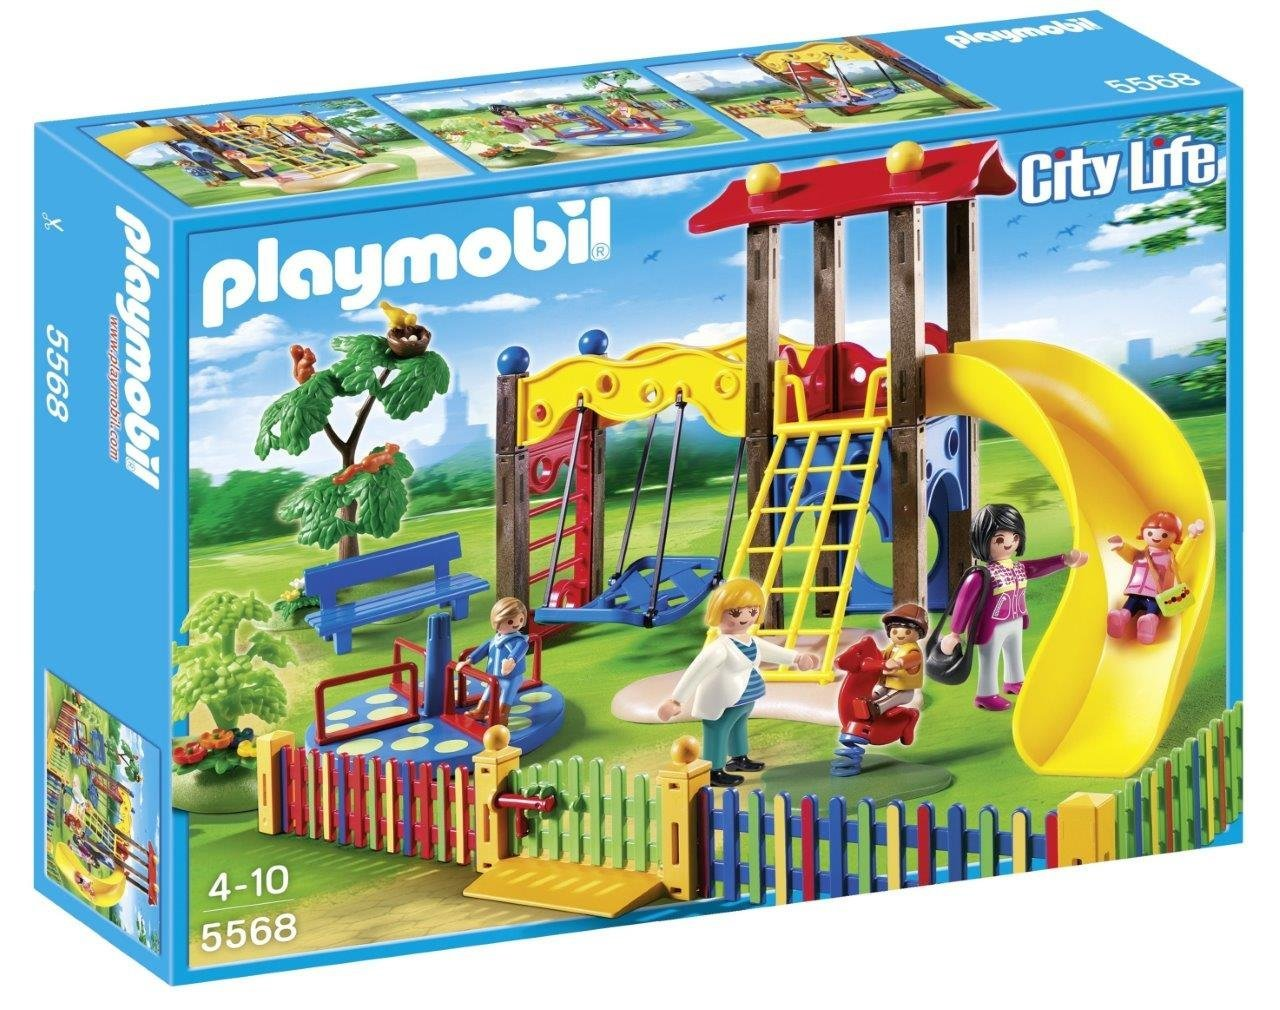 playmobil guardera zona de juegos infantil playset